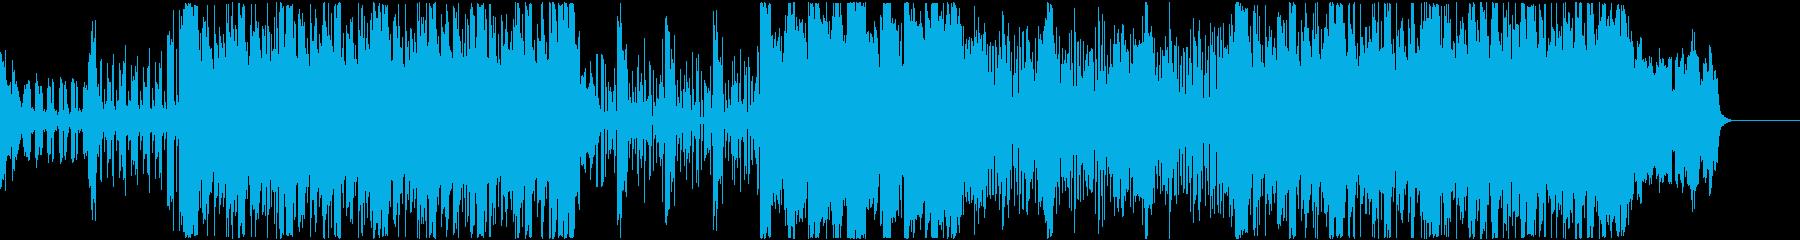 シンセに二胡をMIXしたロック調サウンドの再生済みの波形